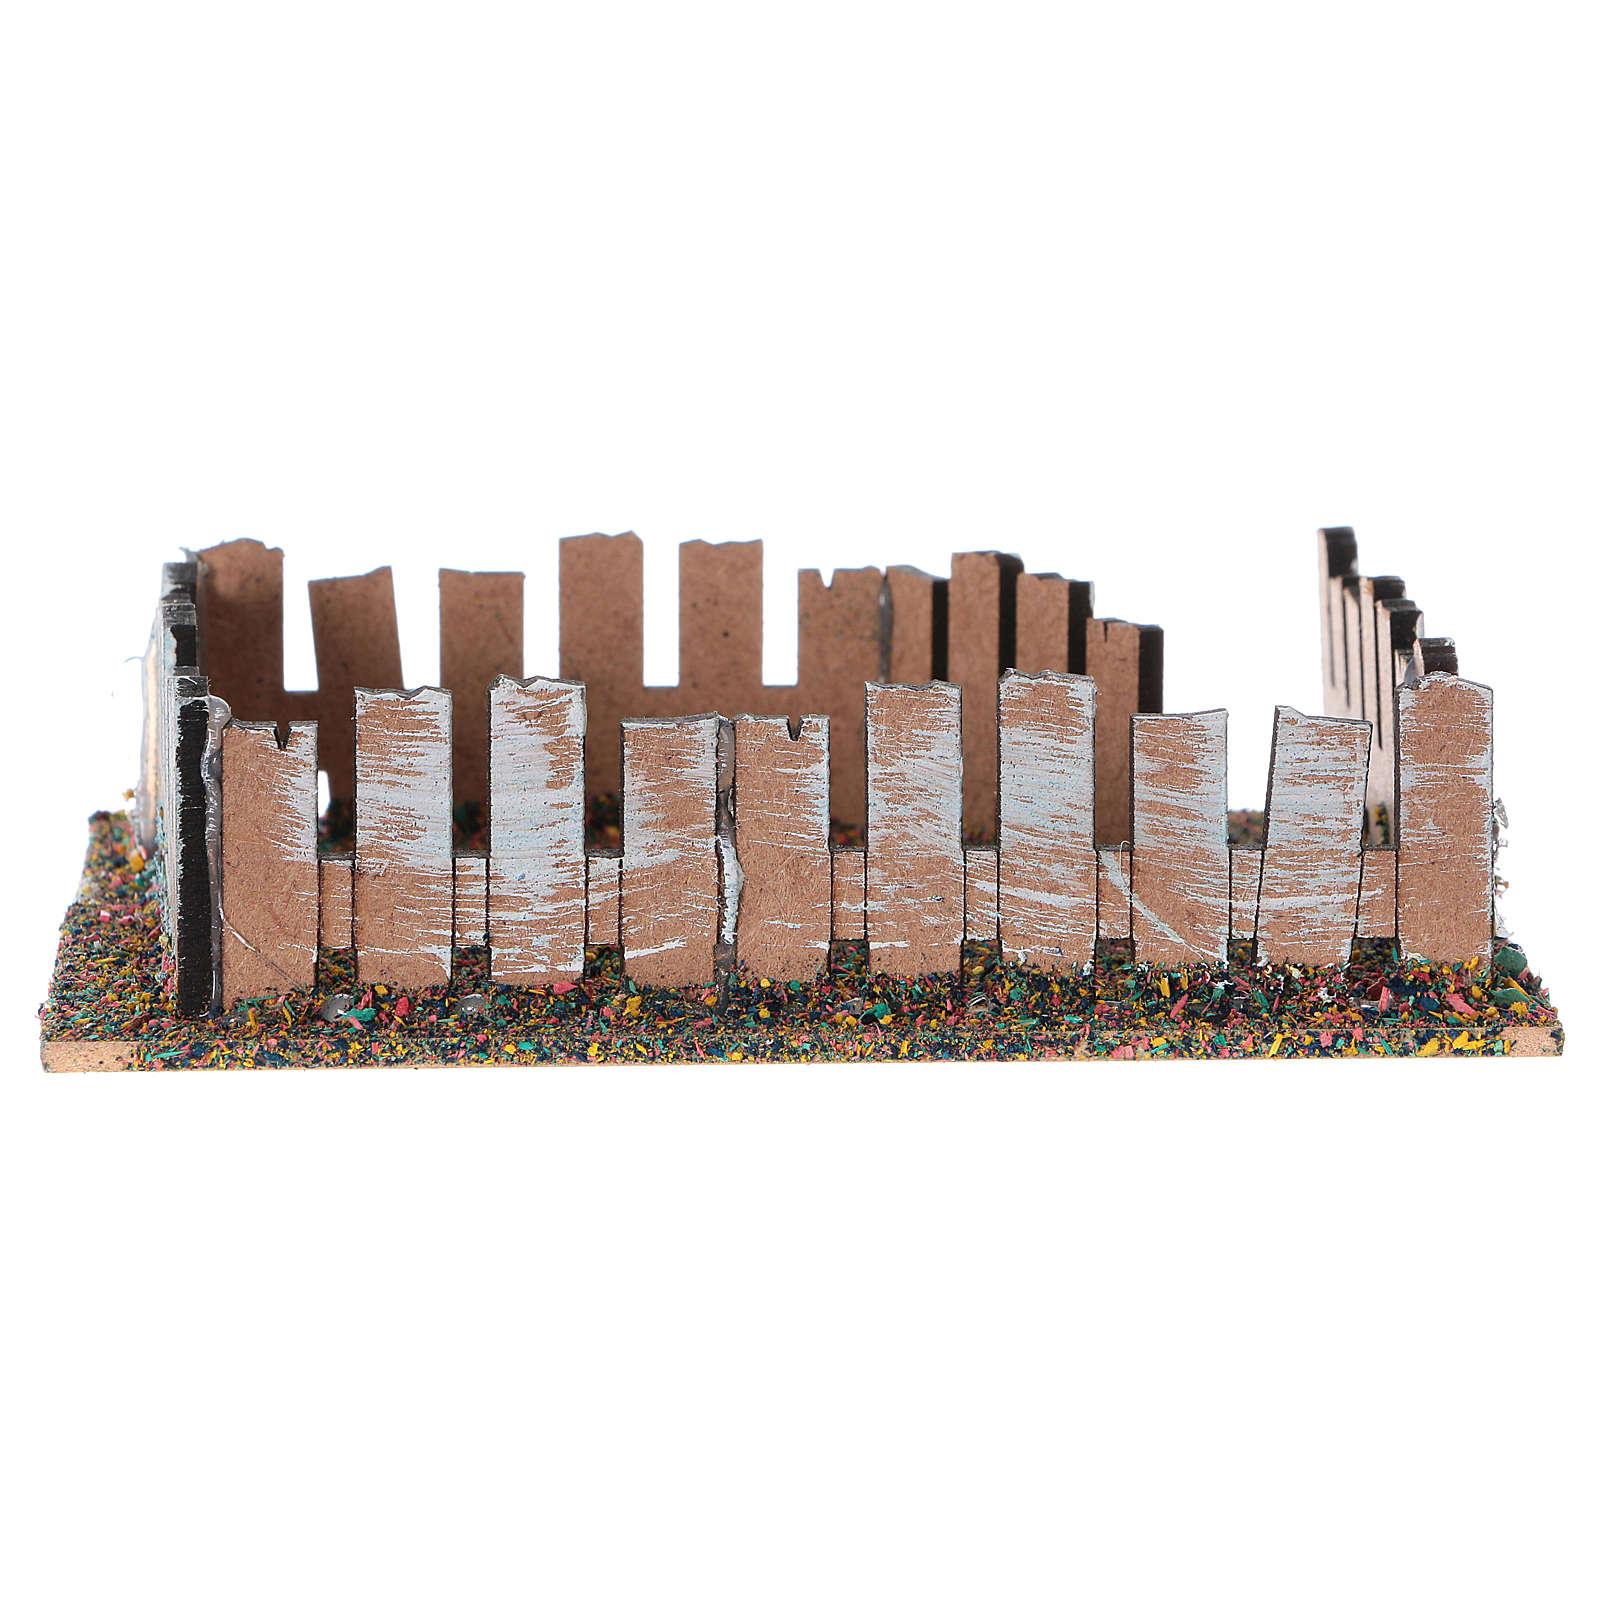 Cerca para animais em madeira e cortiça 4x13x10 cm 3